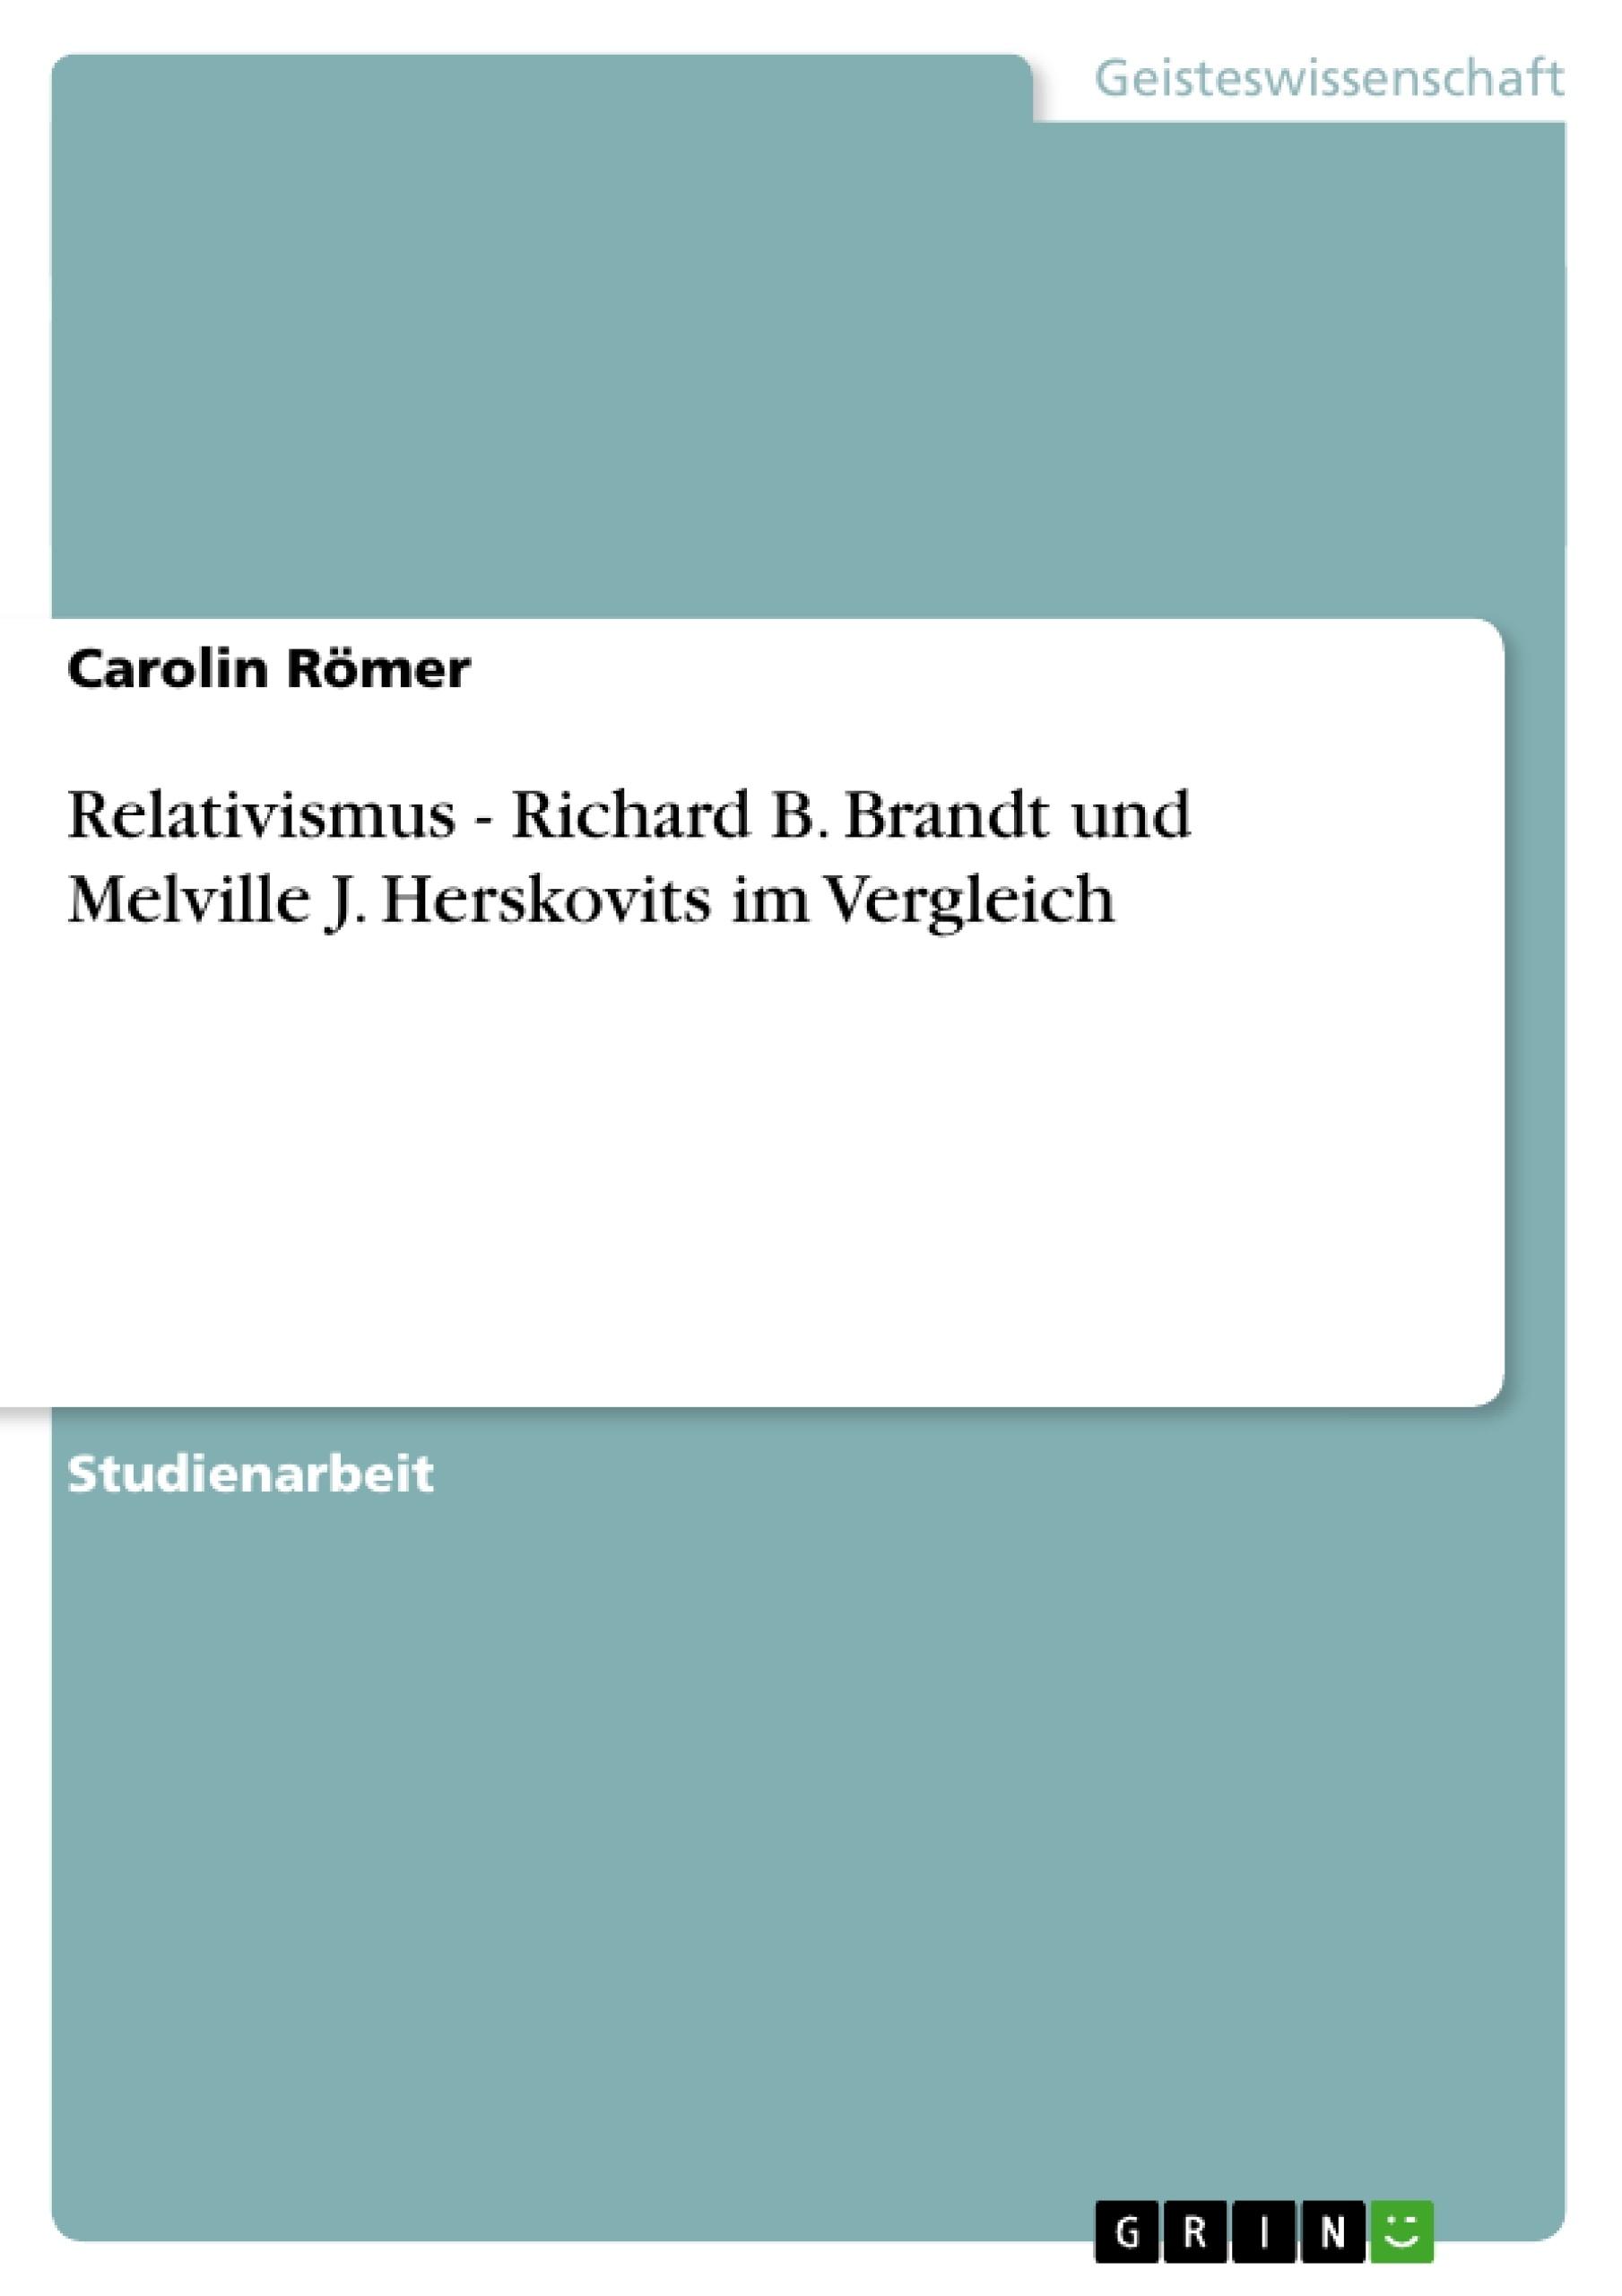 Titel: Relativismus - Richard B. Brandt und Melville J. Herskovits im Vergleich